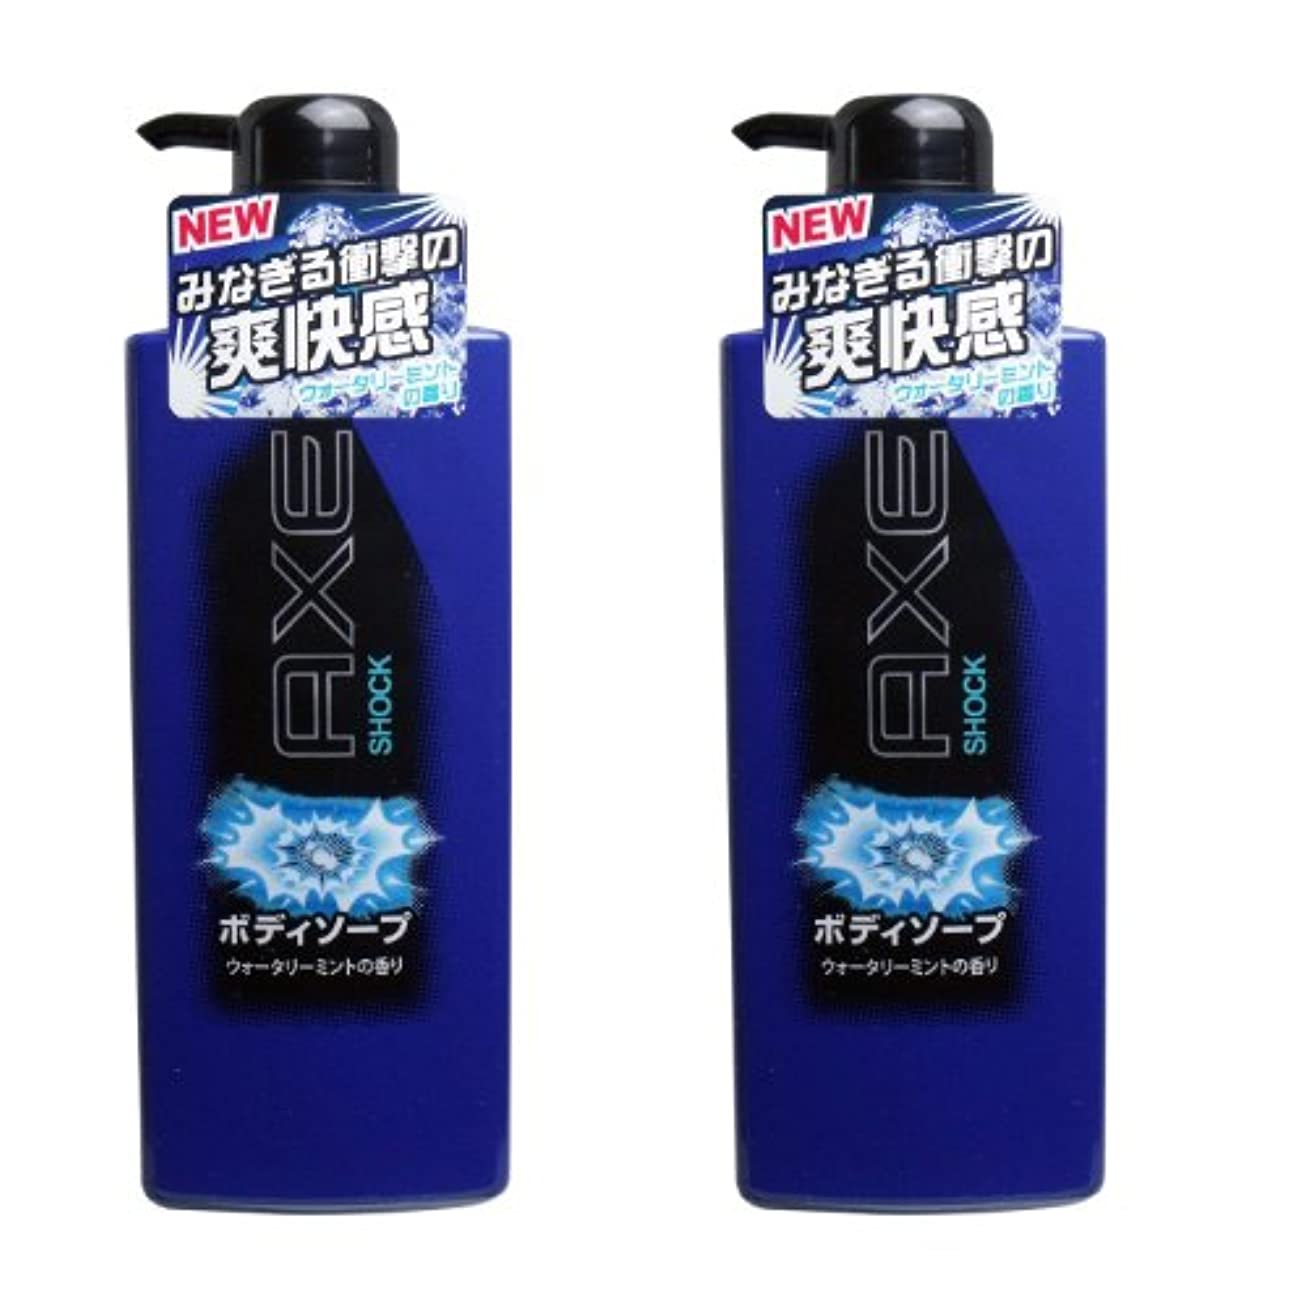 奇跡冷淡な疑わしいAXE(アックス) ボディソープの2点セット (ショック ウォータリーミントの香り)